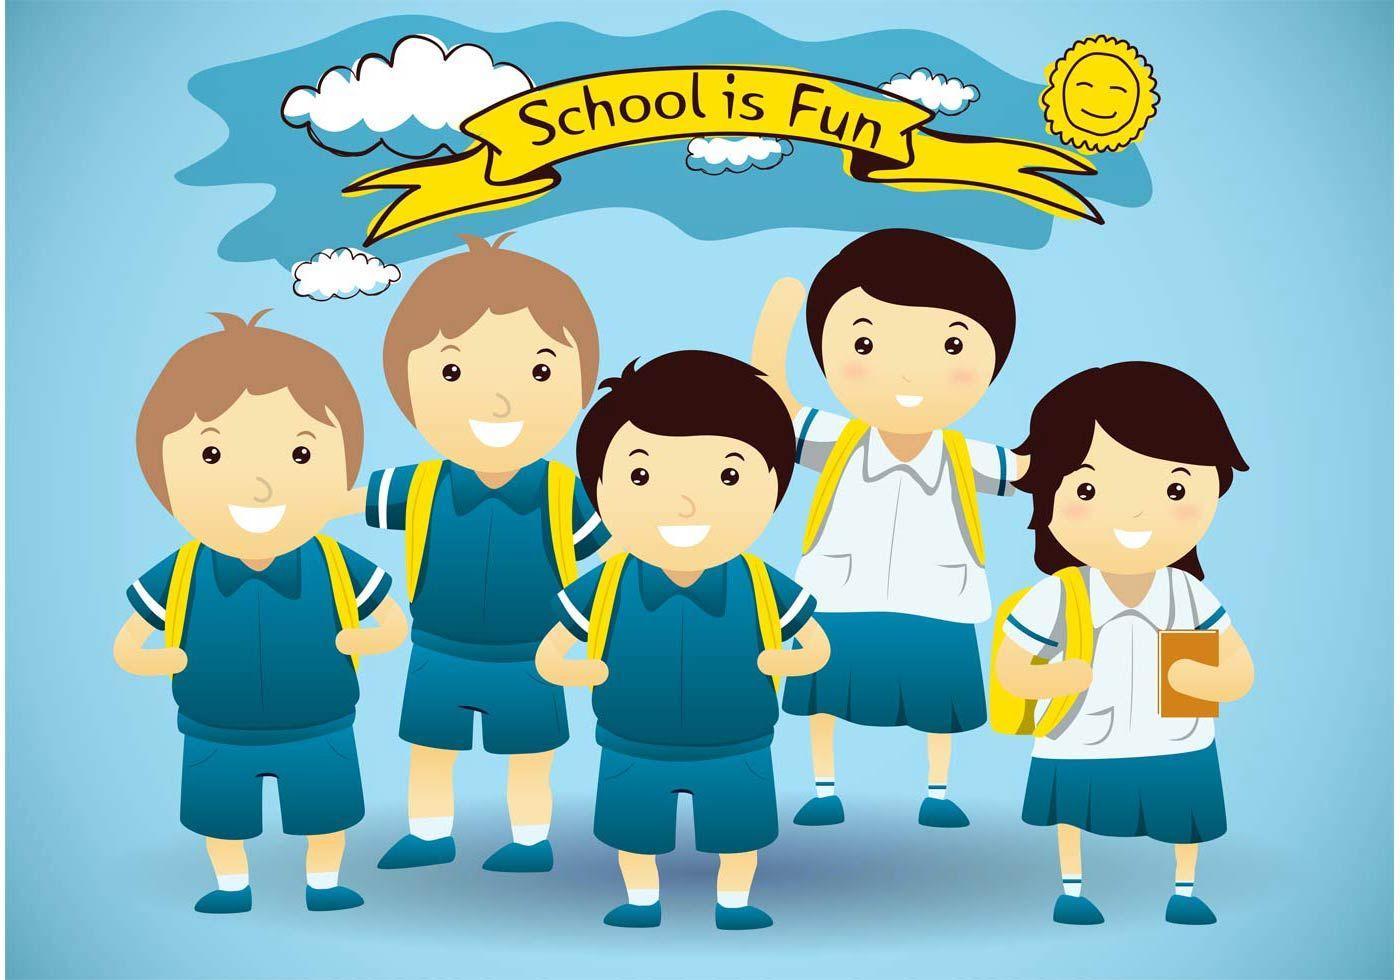 کیف در مدرسه